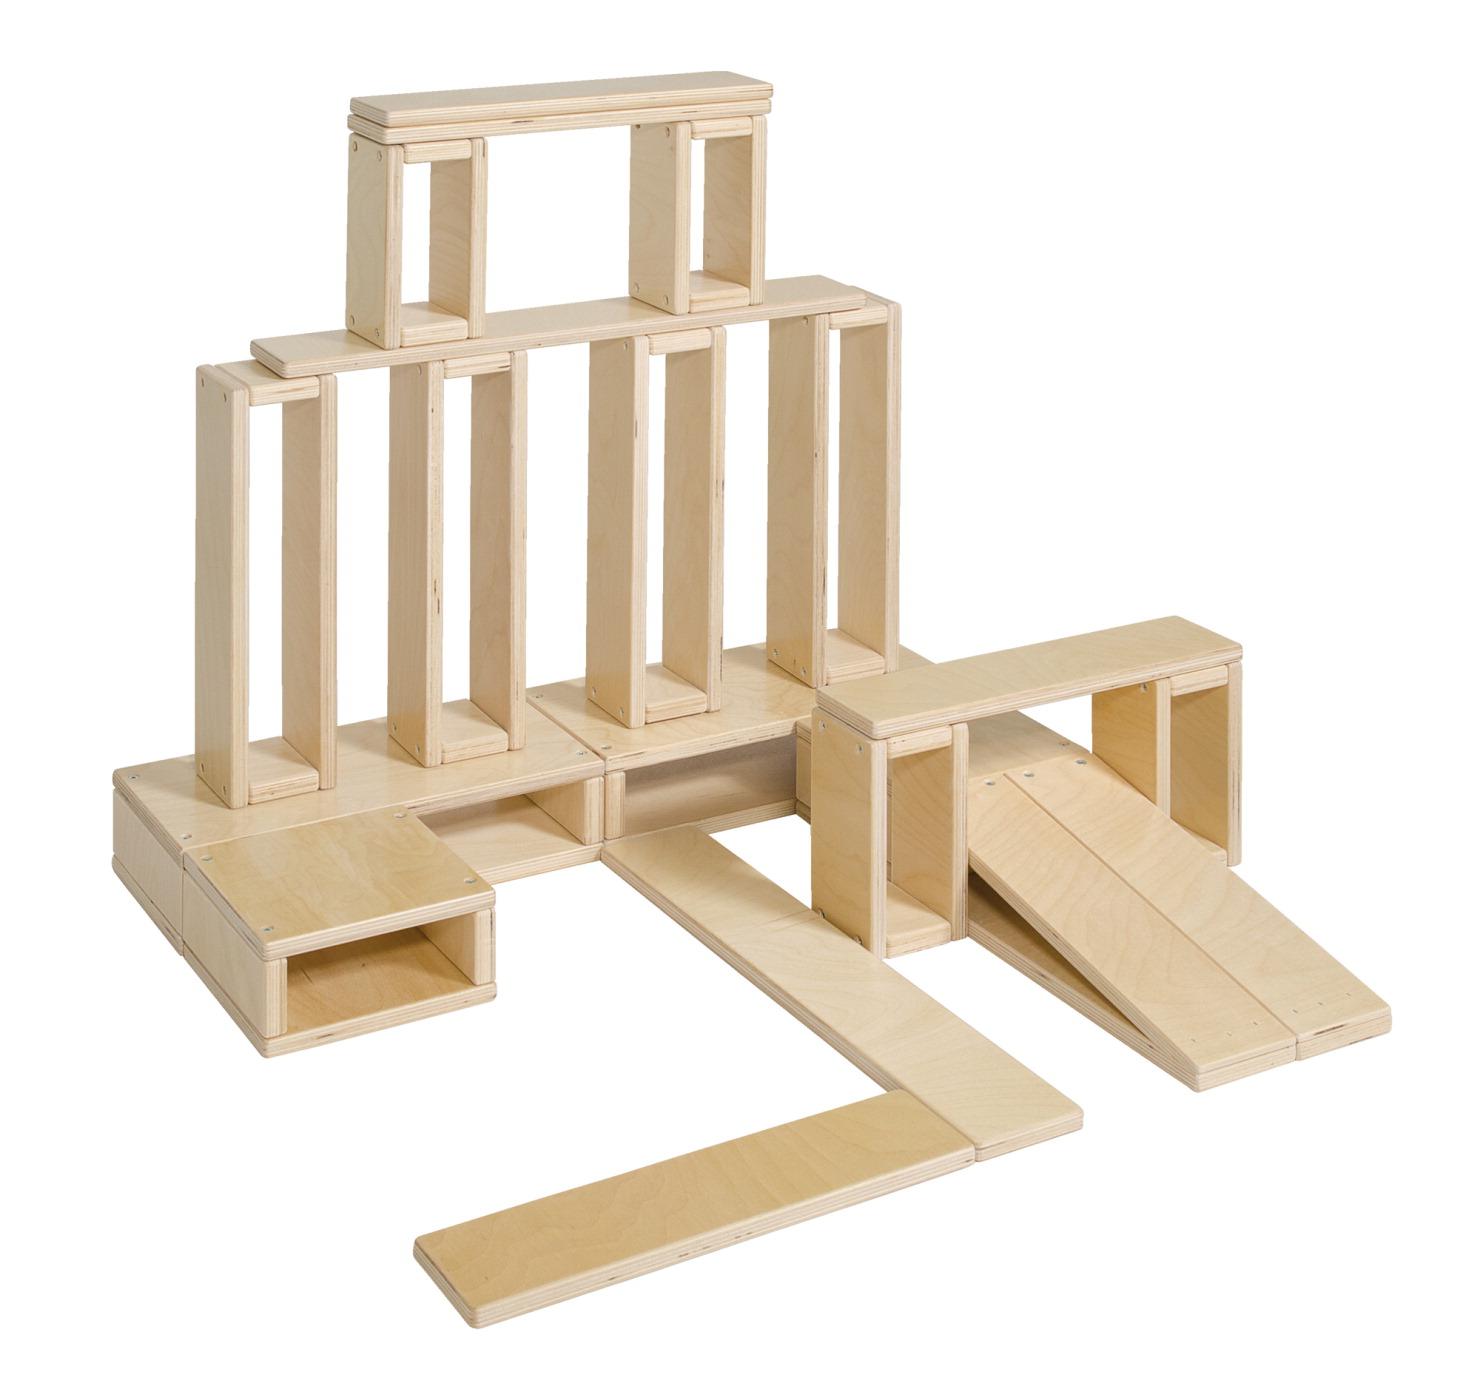 School specialty finished hollow blocks preschool size